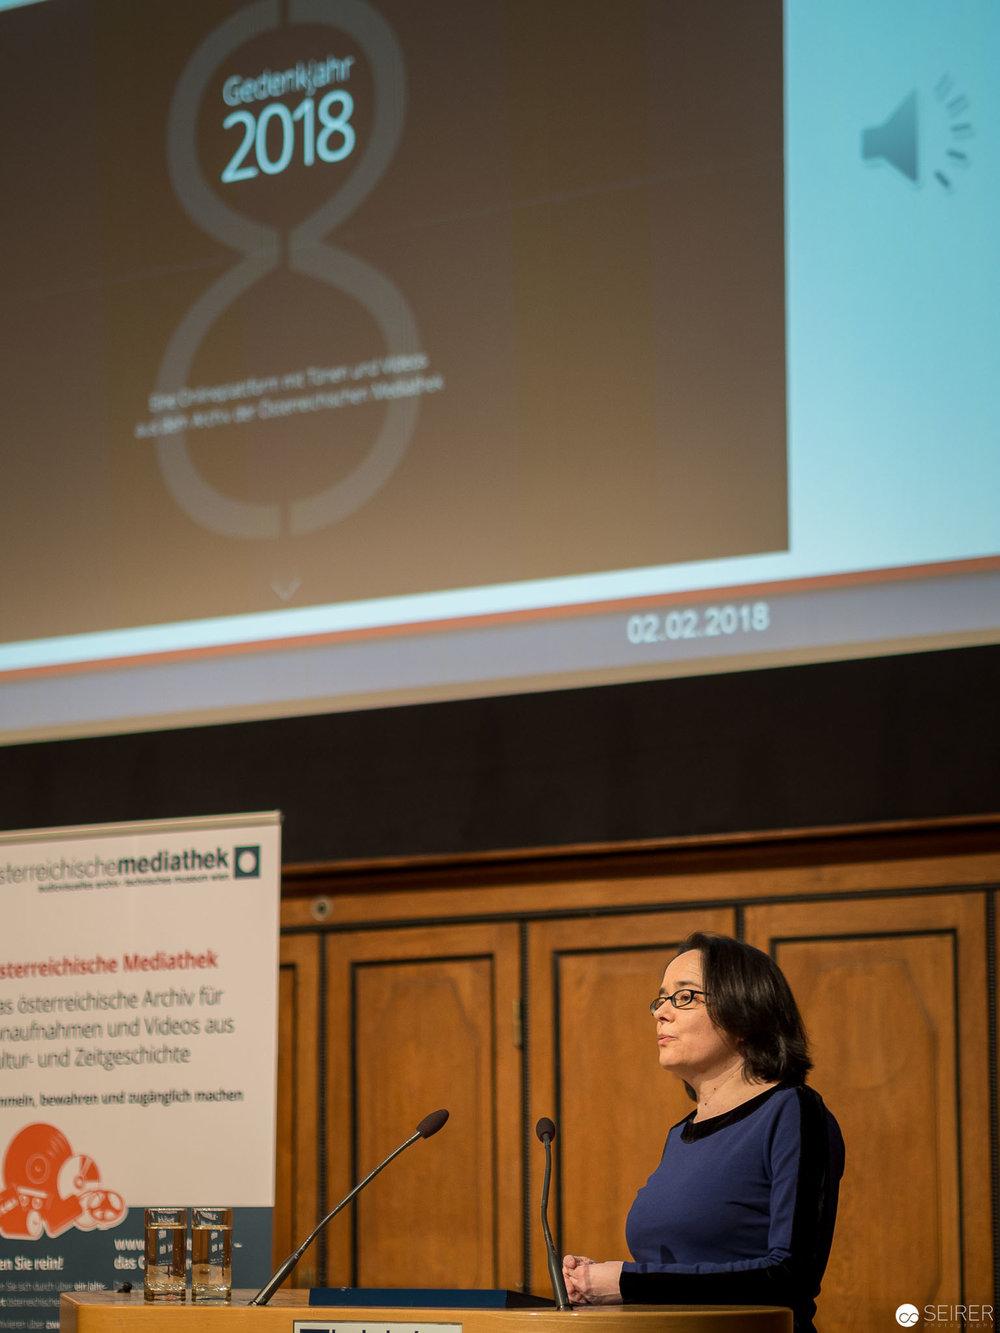 """Dr. Gabriele Fröschl, Leitung Österreichische Mediathek: """"Genug gedacht?"""" Präsentation der Onlineplattform mit Tönen und Videos"""